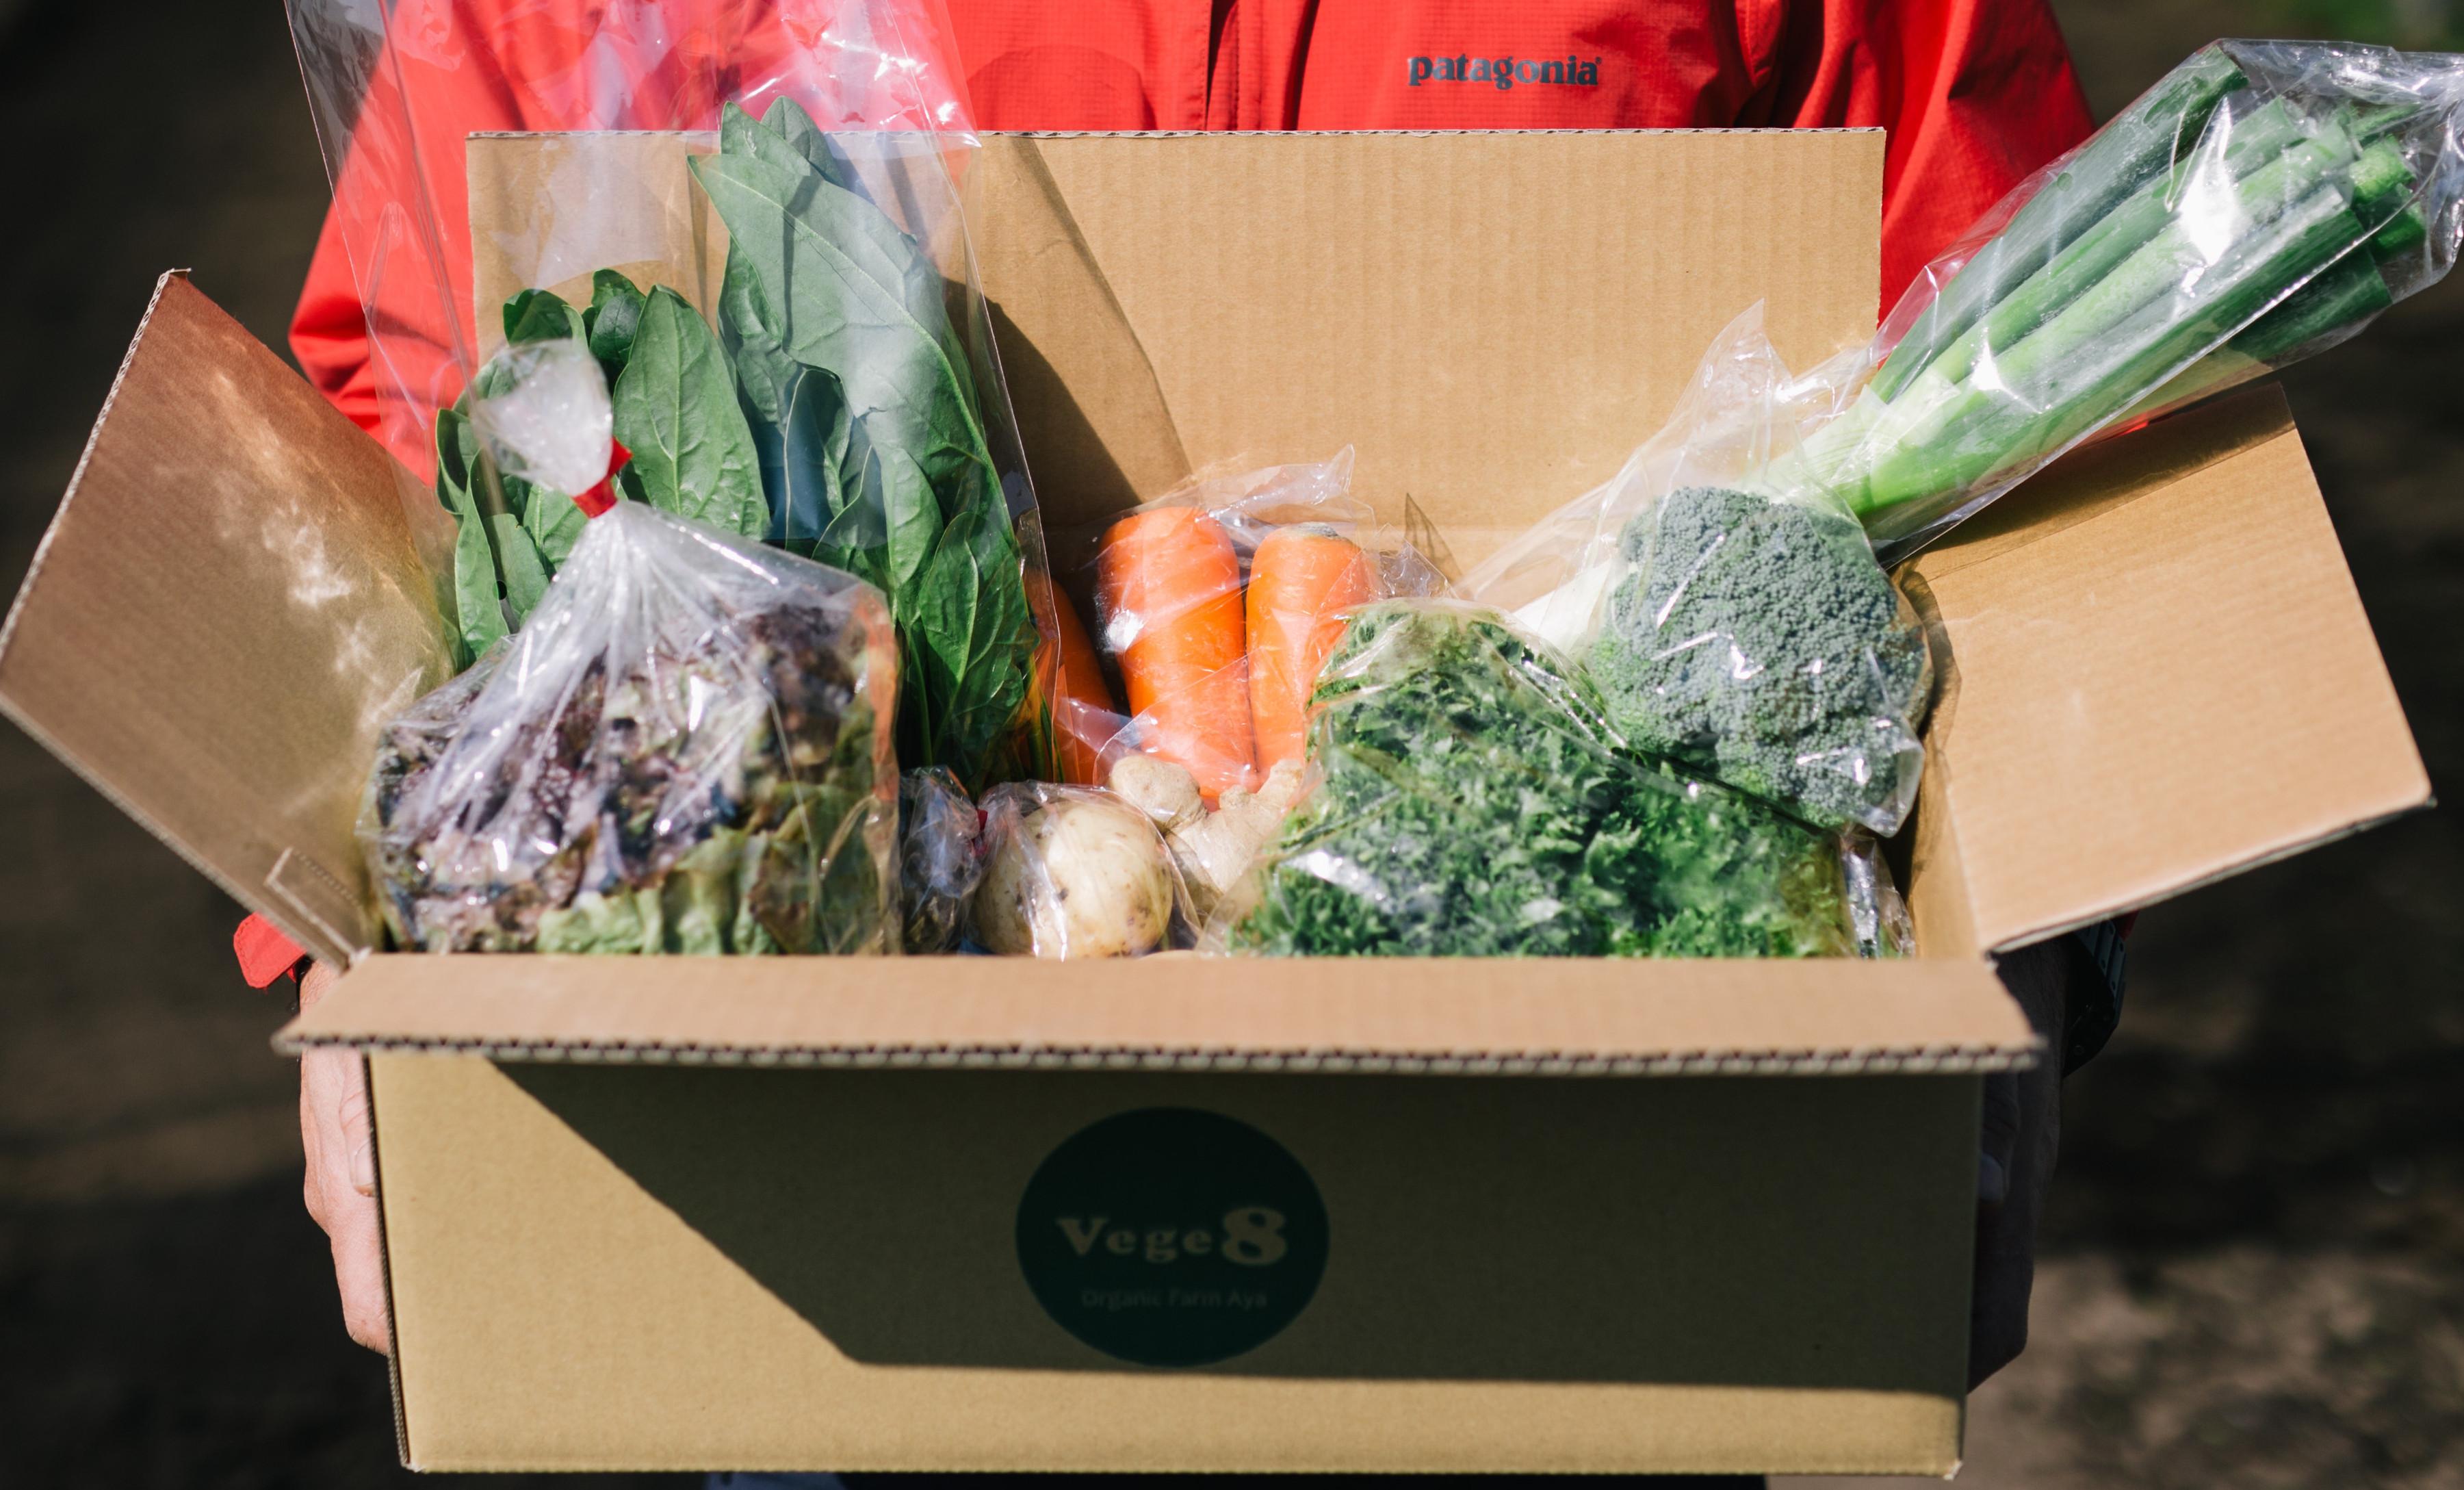 無農薬野菜セット Vege8